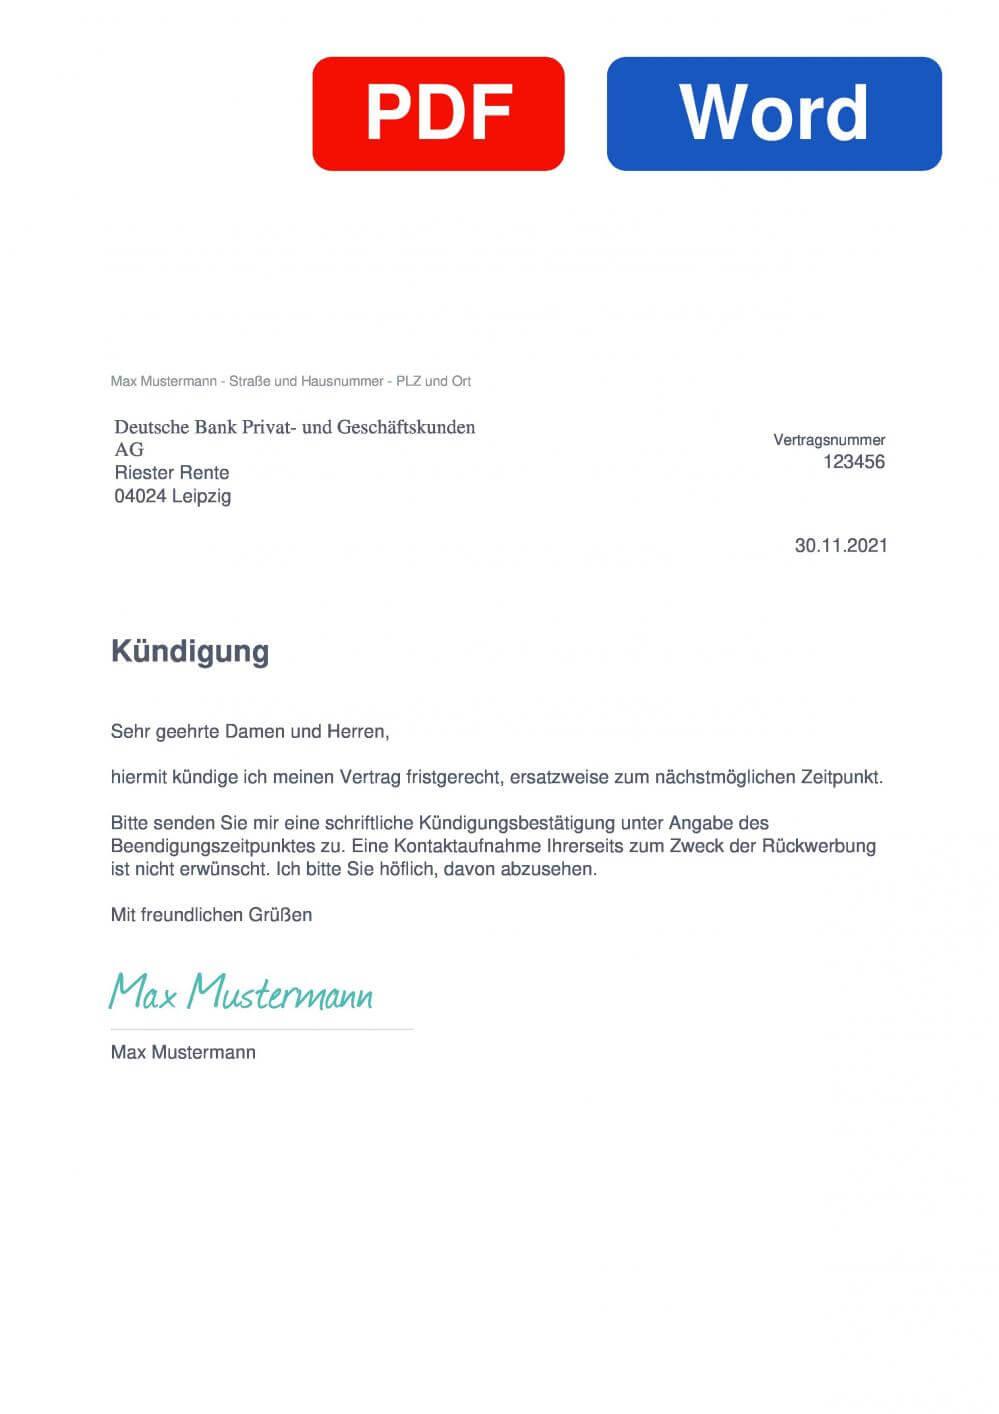 Deutsche Bank Riester Rente Muster Vorlage für Kündigungsschreiben